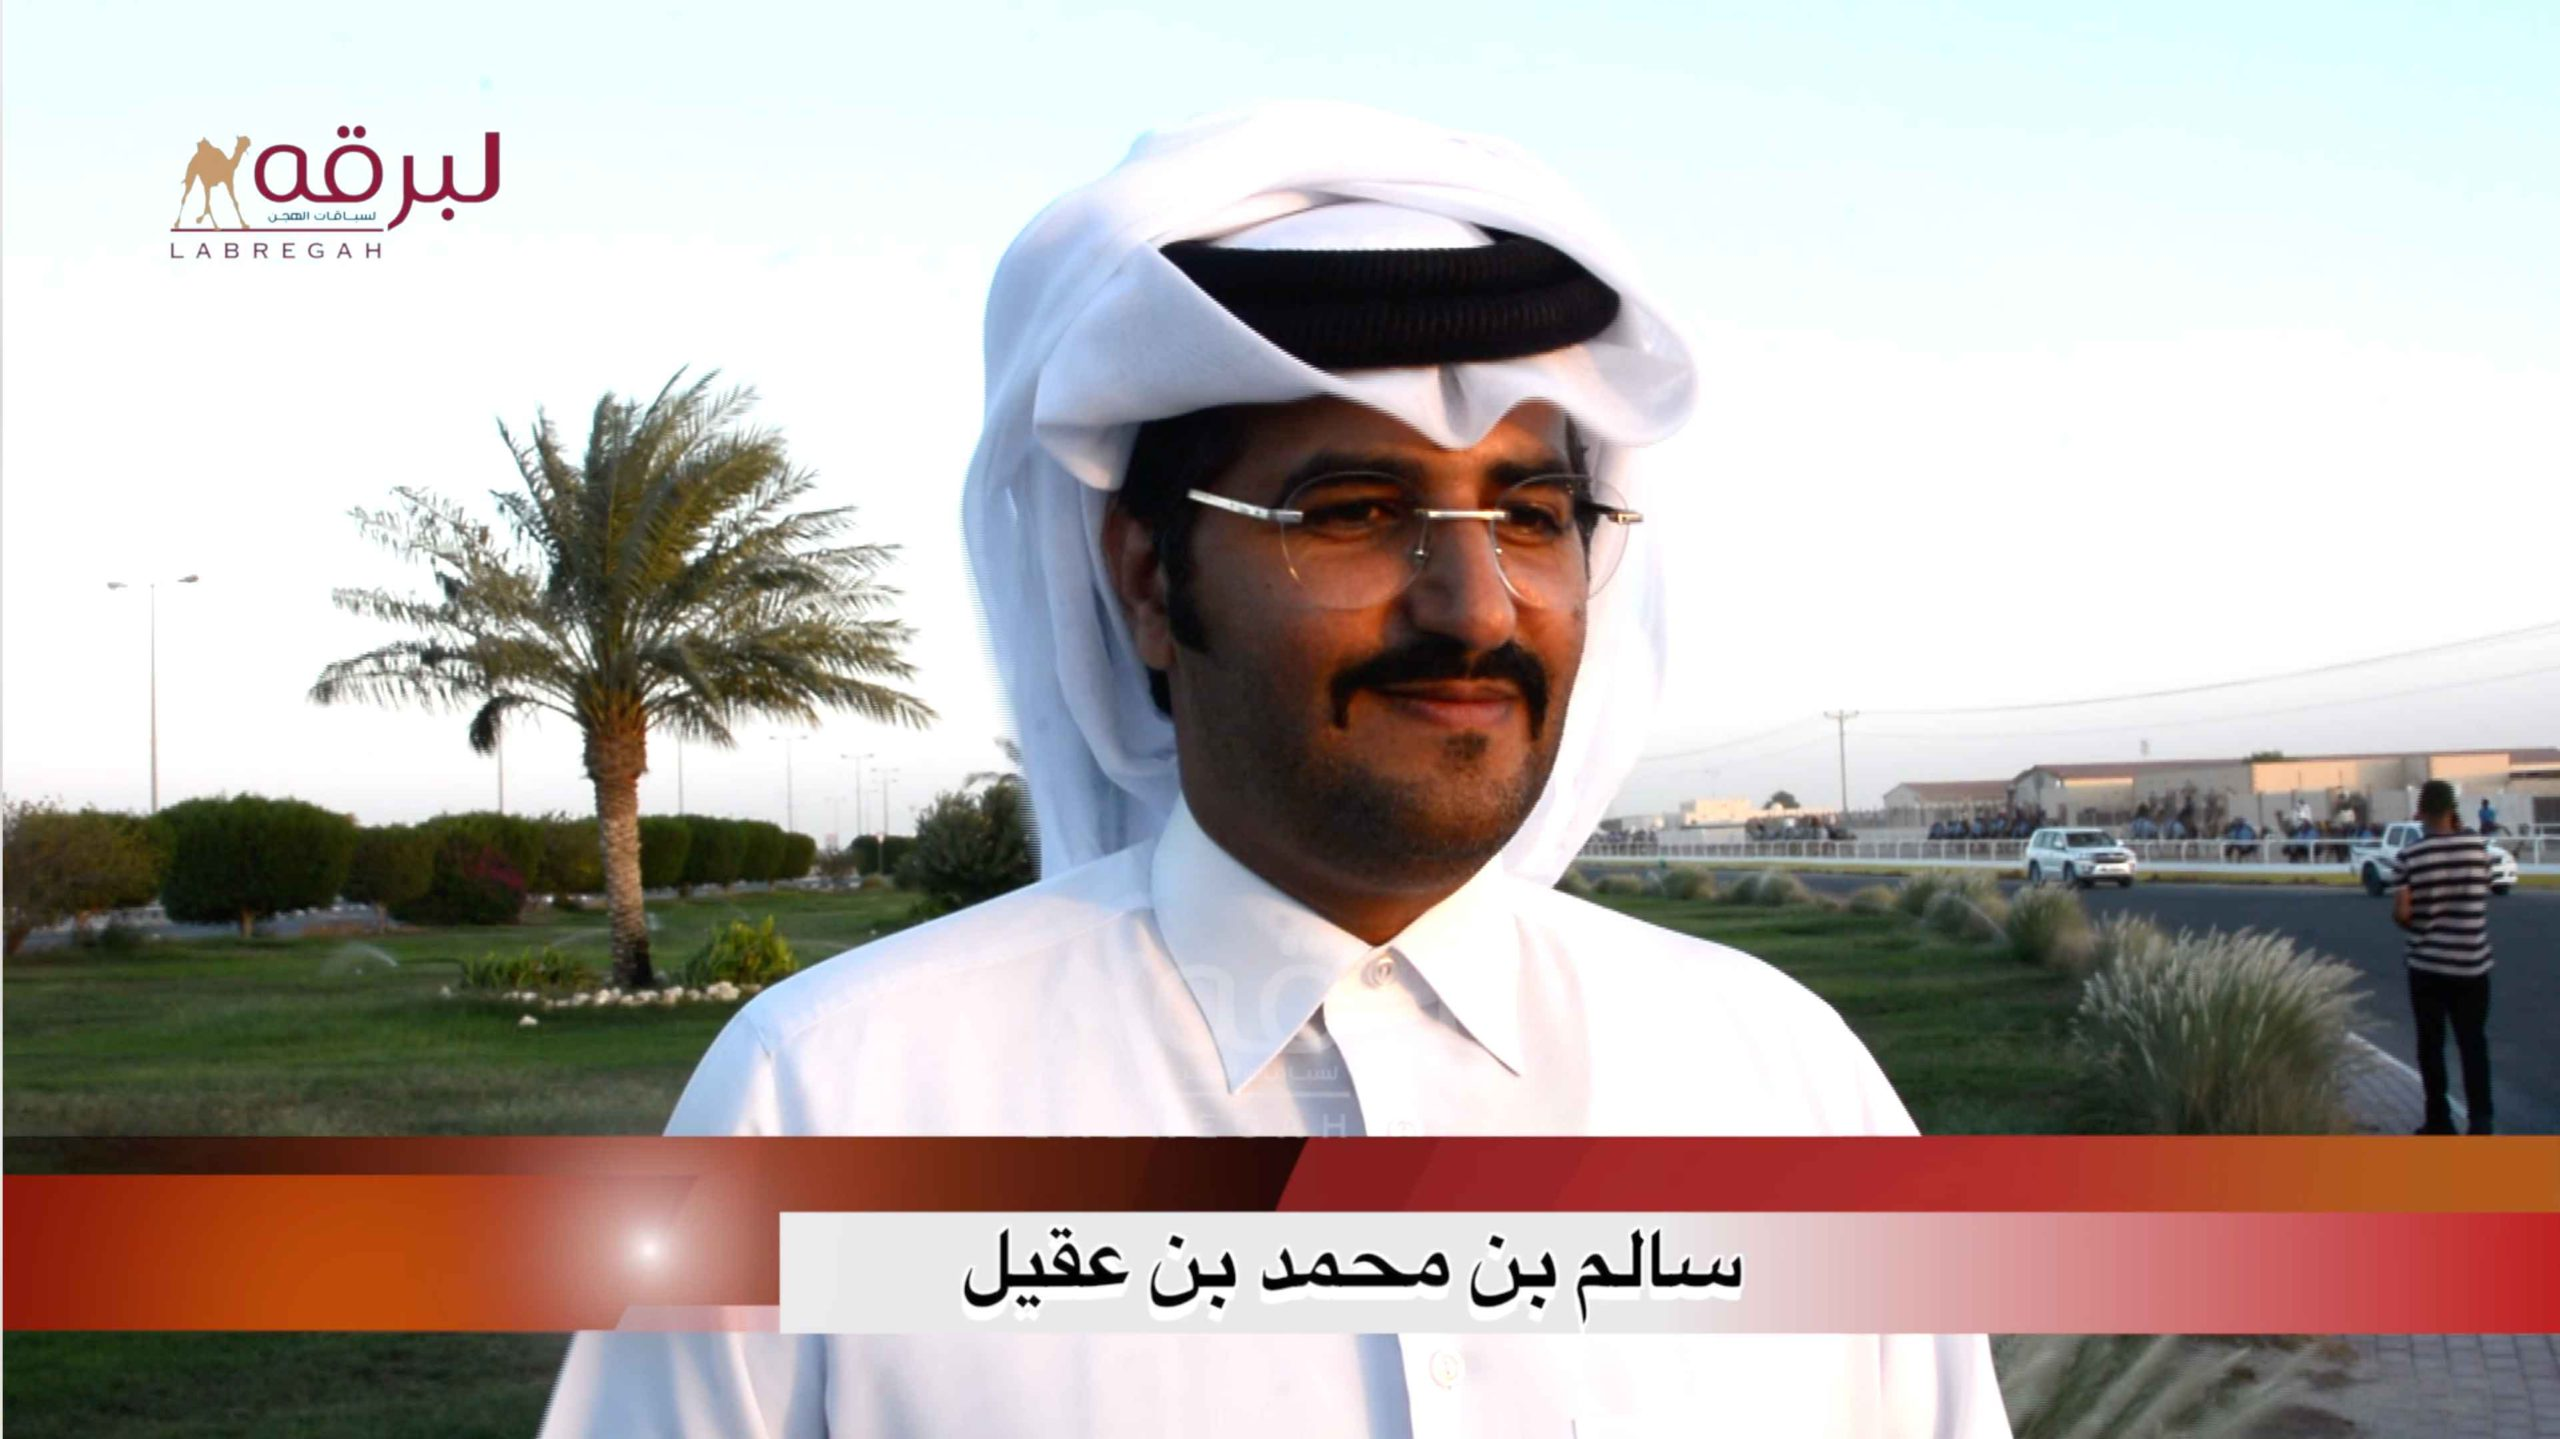 لقاء مع سالم بن محمد بن عقيل.. الشوط الرئيسي للقايا قعدان إنتاج الأشواط العامة مساء ٩-١٠-٢٠٢٠